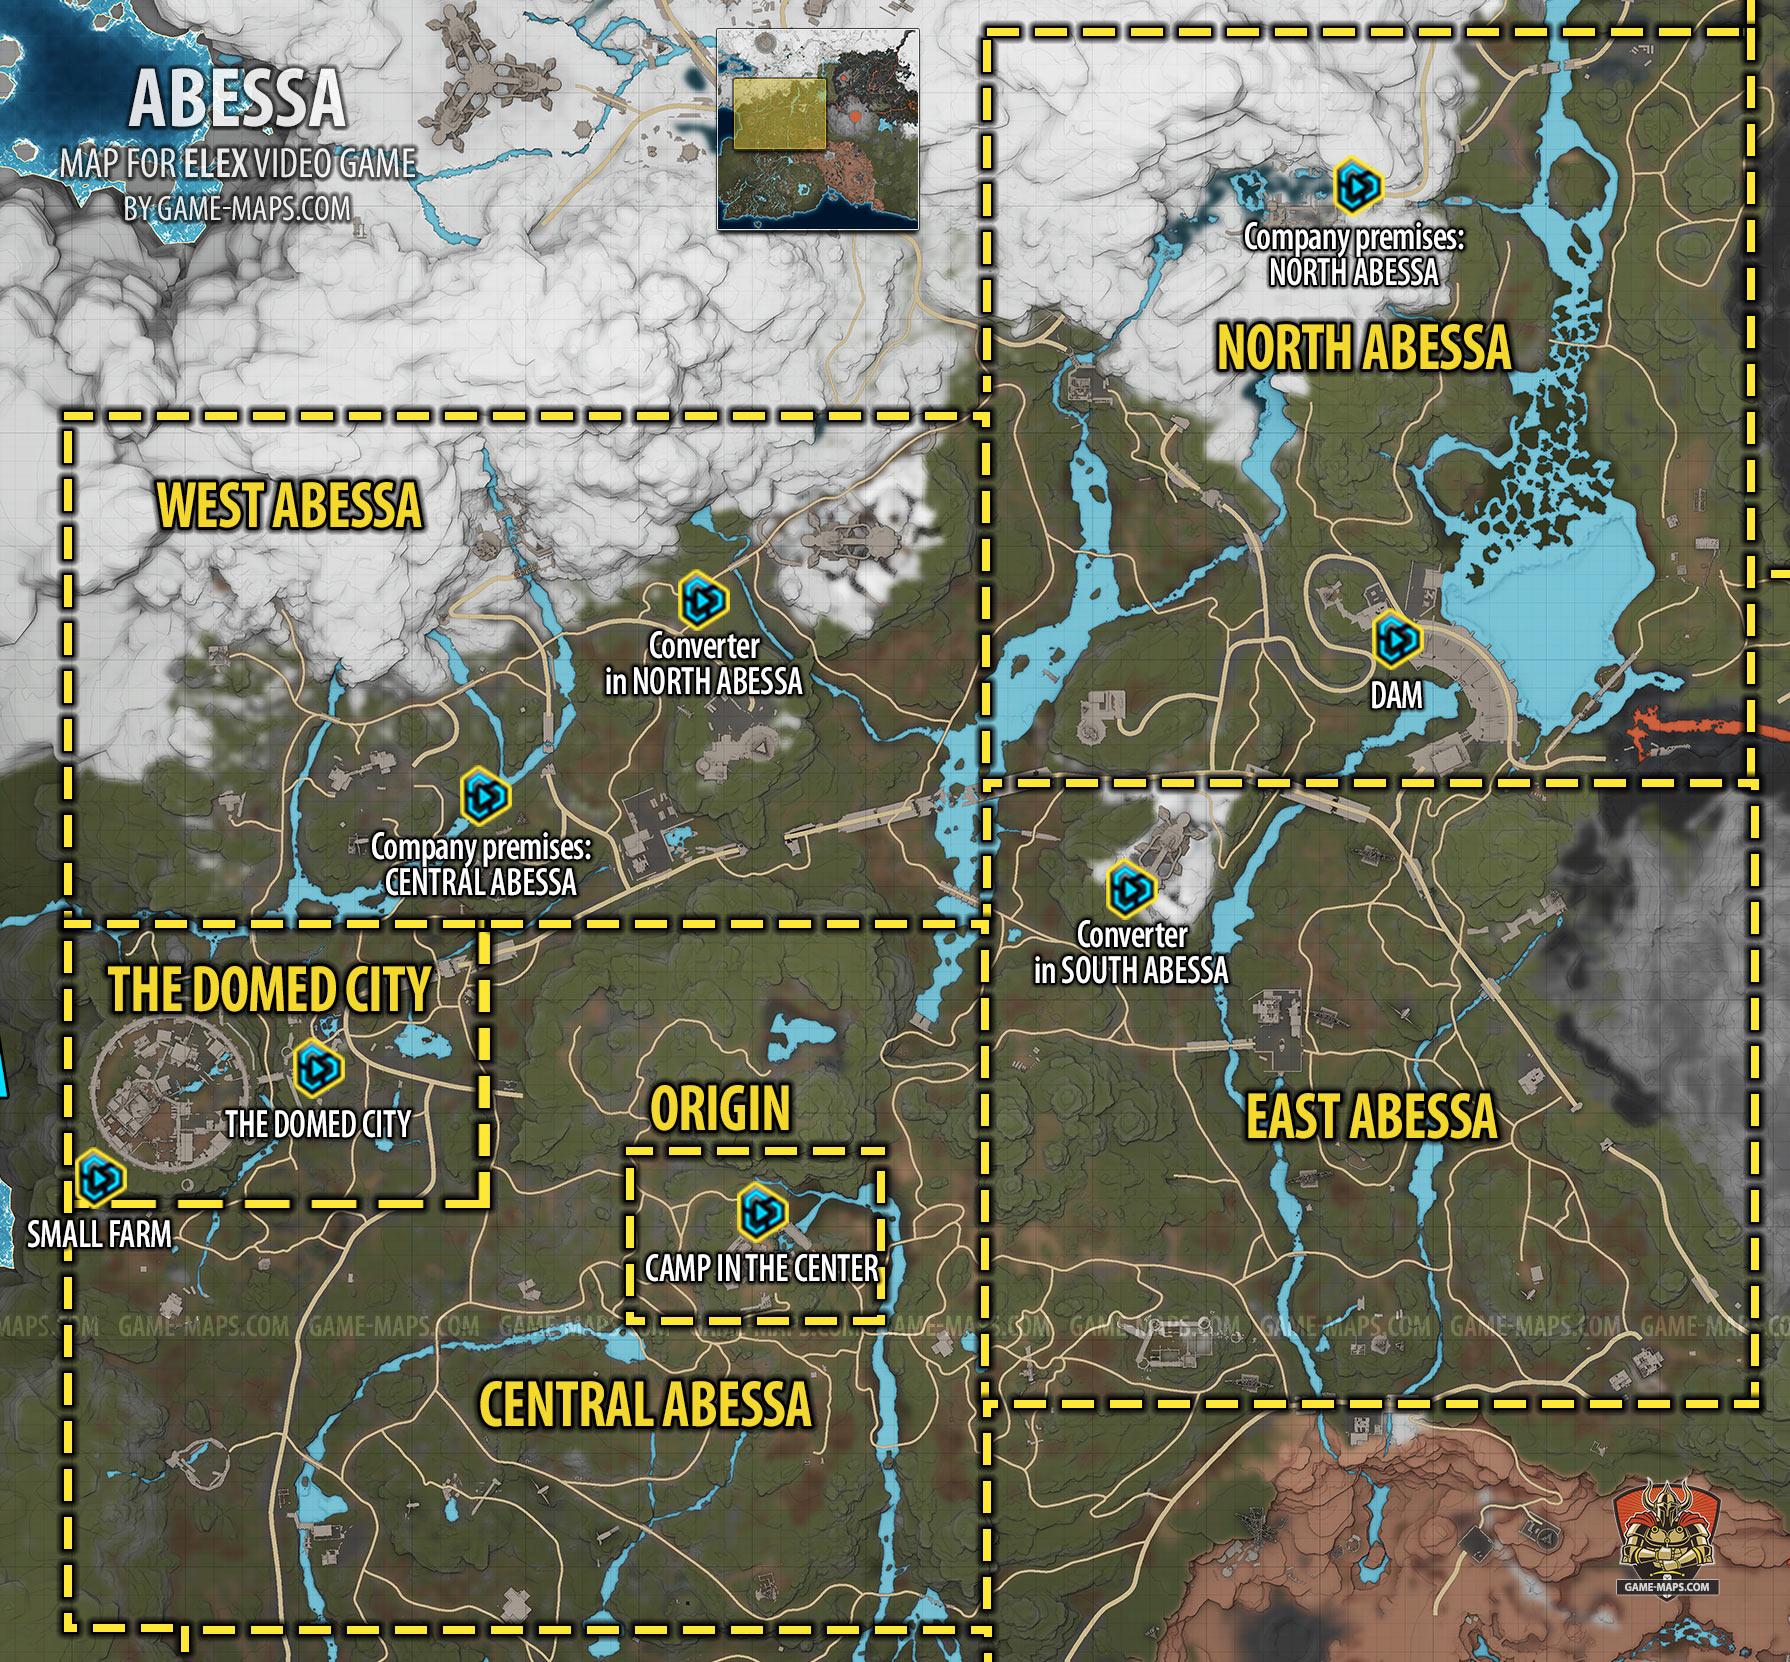 Elex Karte Teleporter.Abessa Map Elex Game Maps Com